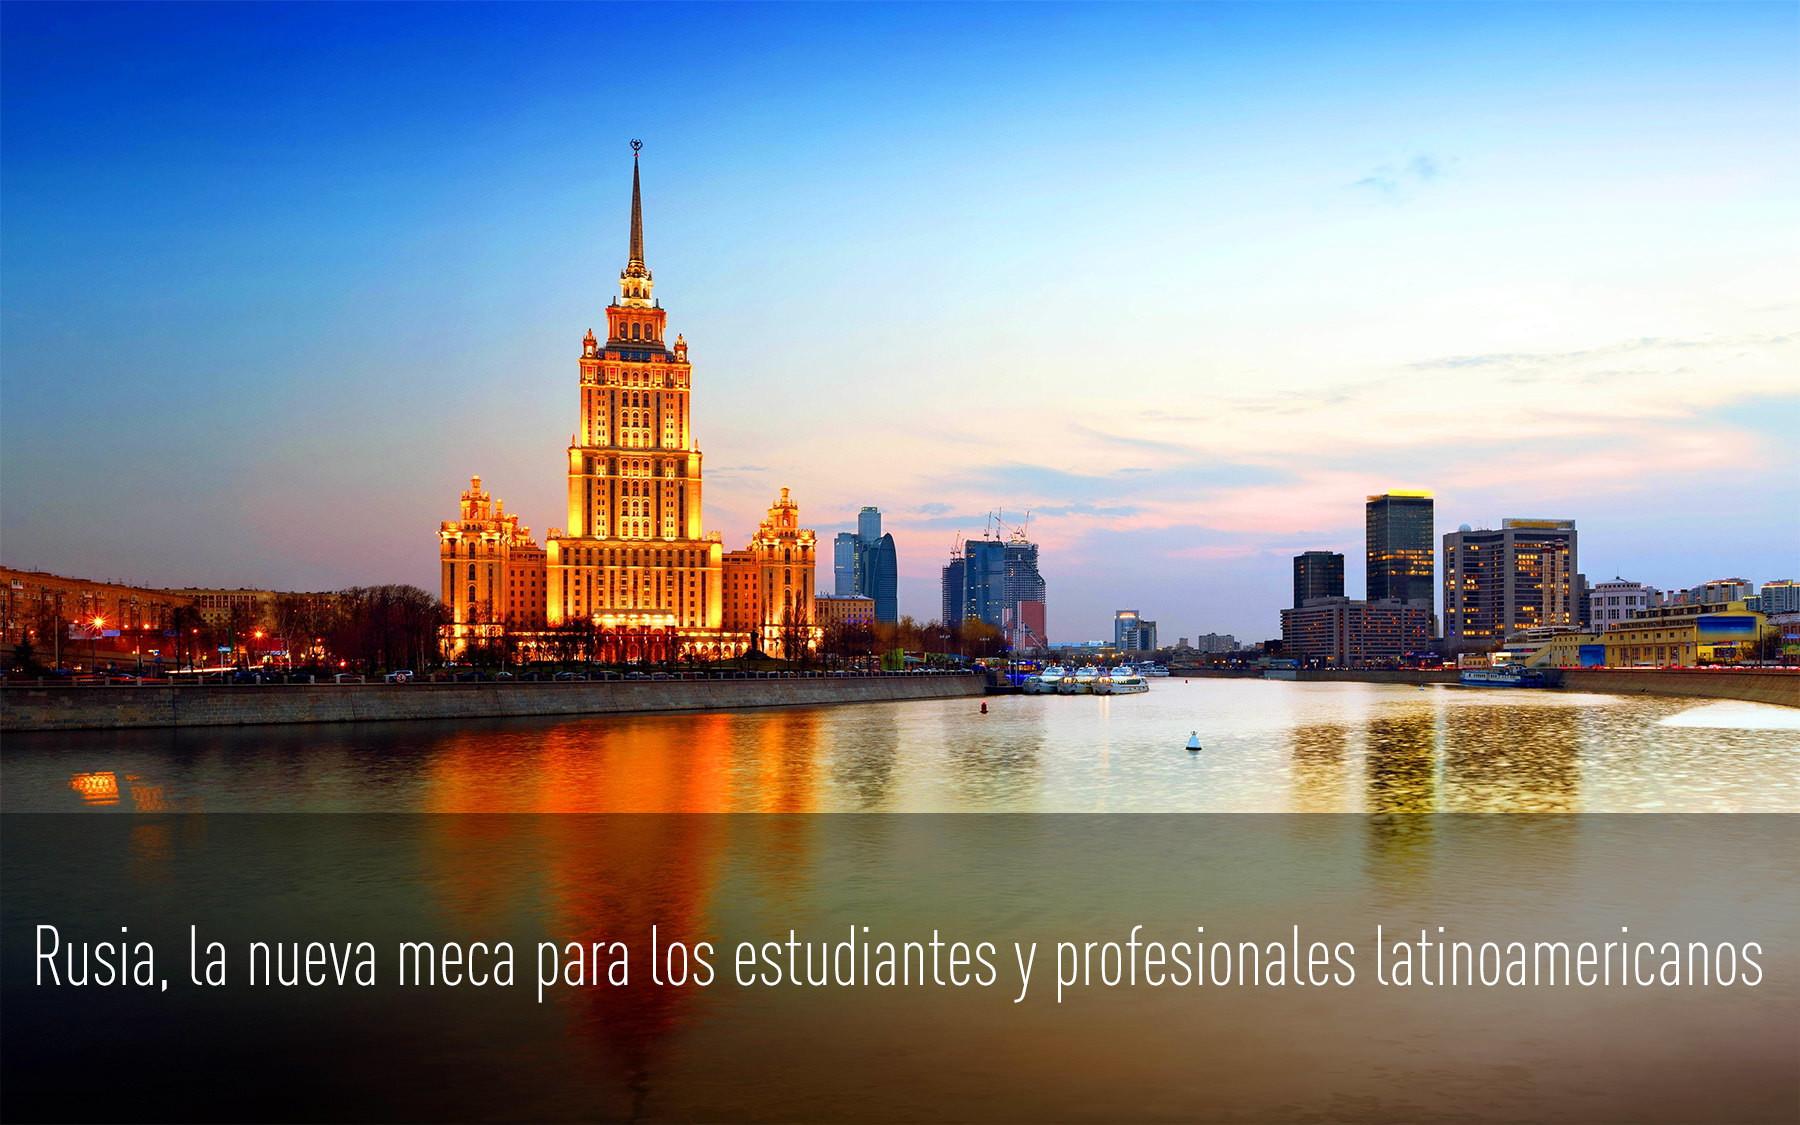 Rusia, la nueva meca para los estudiantes y profesionales latinoamericanos